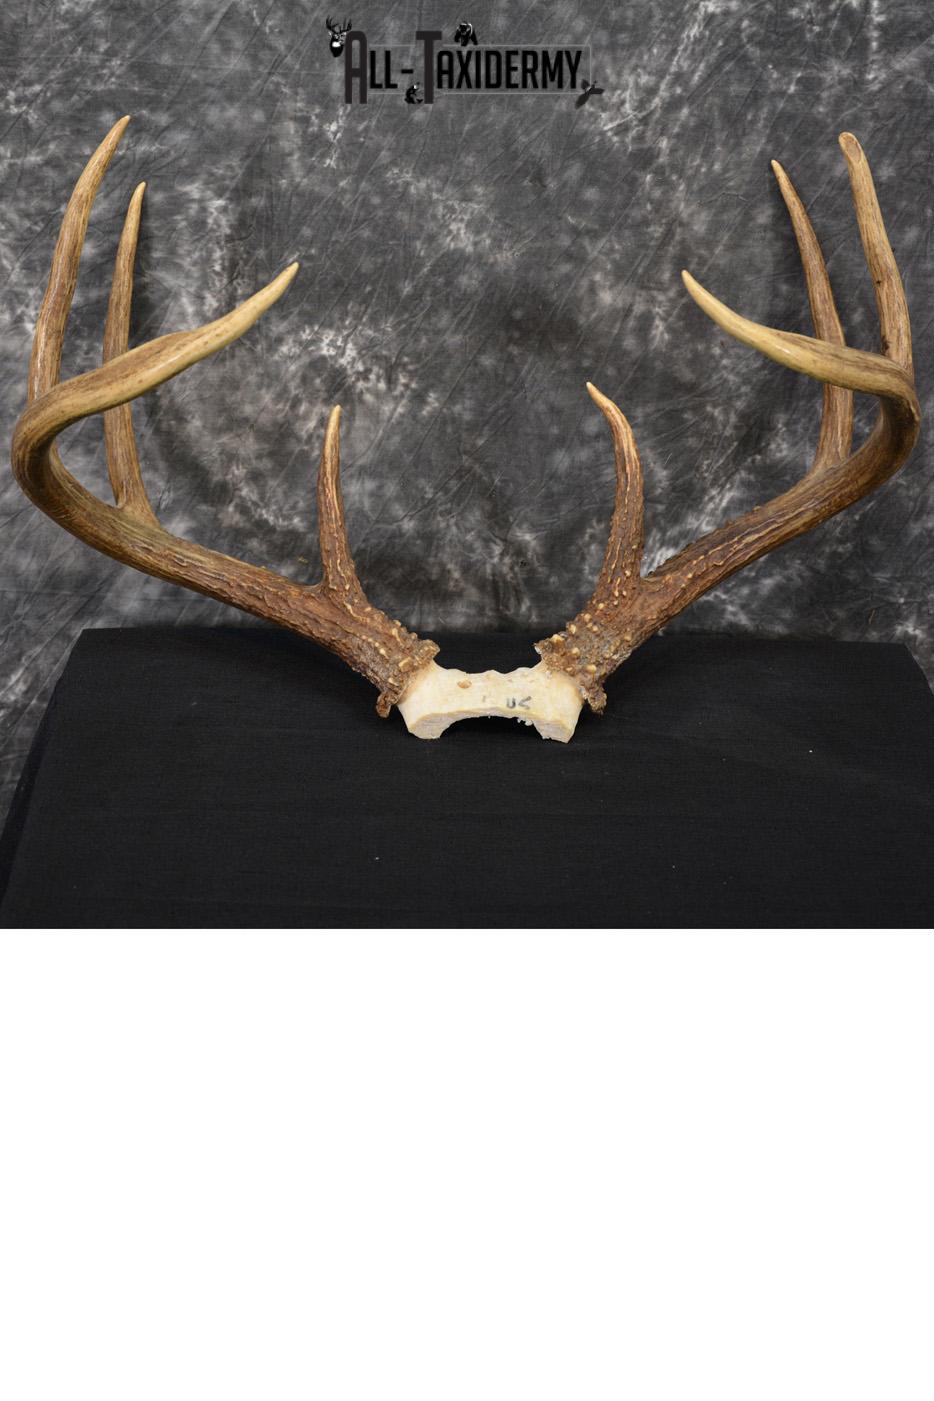 Whitetail Deer antler skull cap 8 pointer for sale SKU 1419